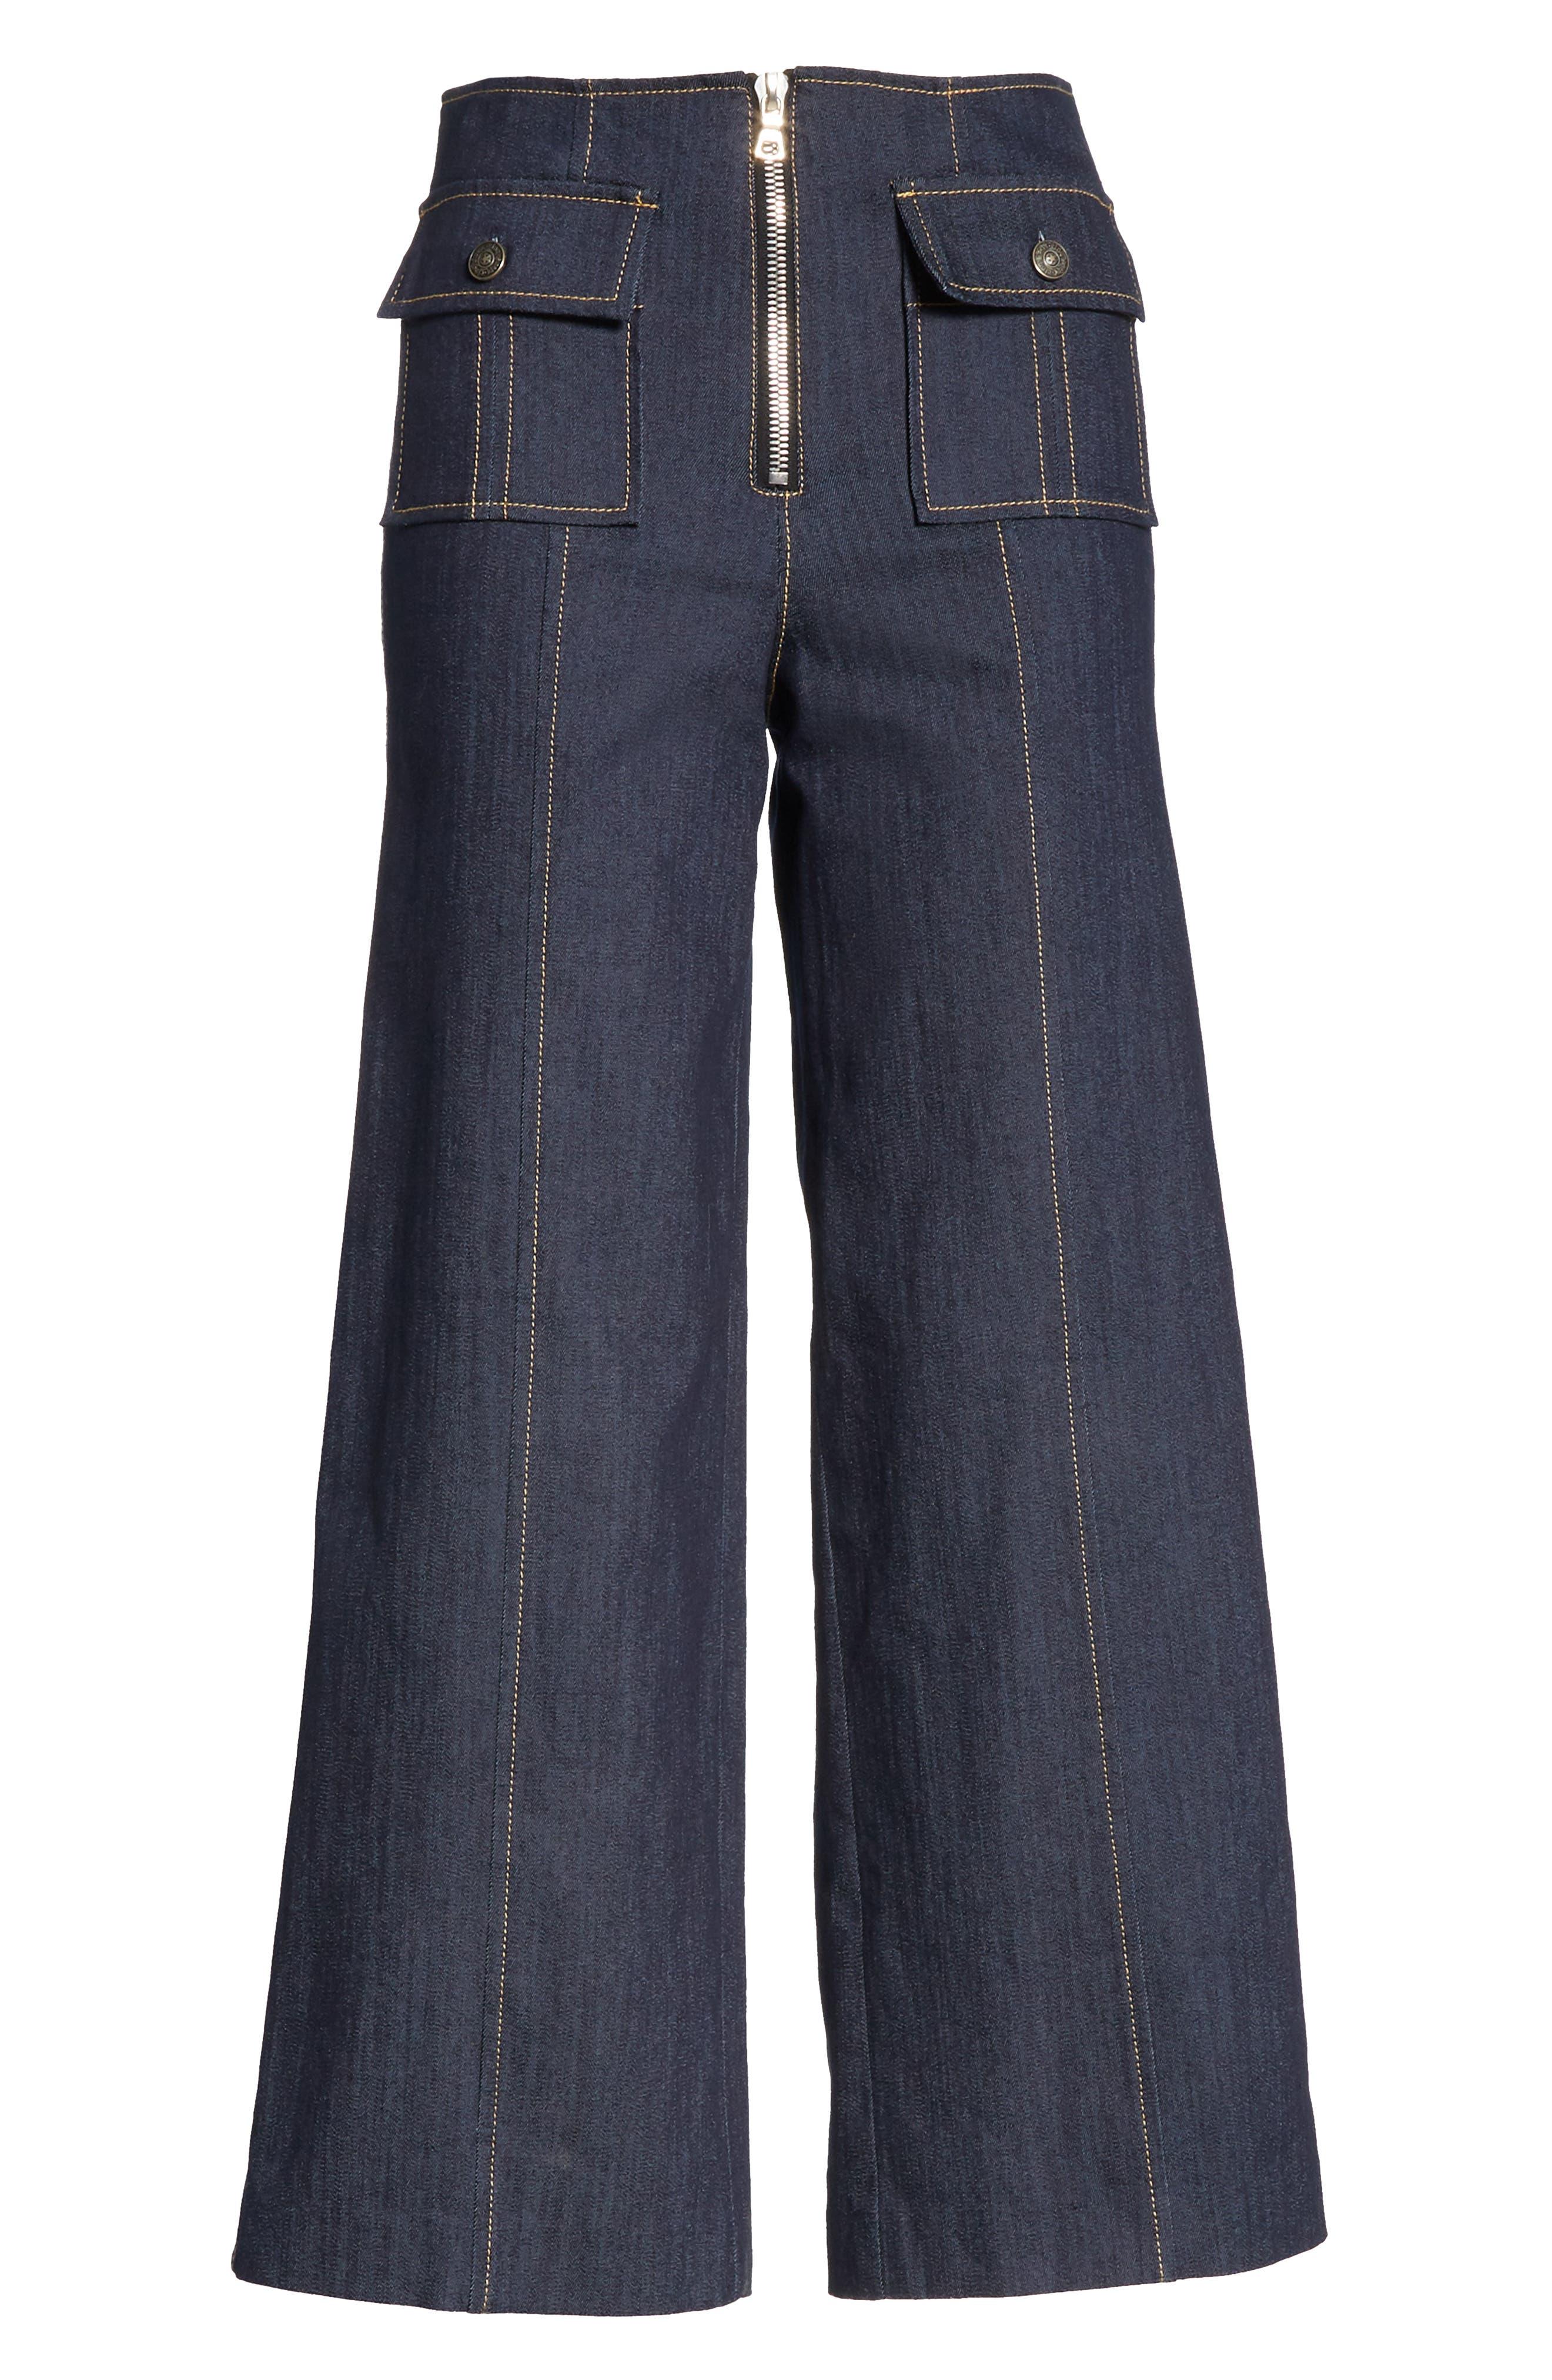 Azure Crop Wide Leg Jeans,                             Alternate thumbnail 6, color,                             INDIGO